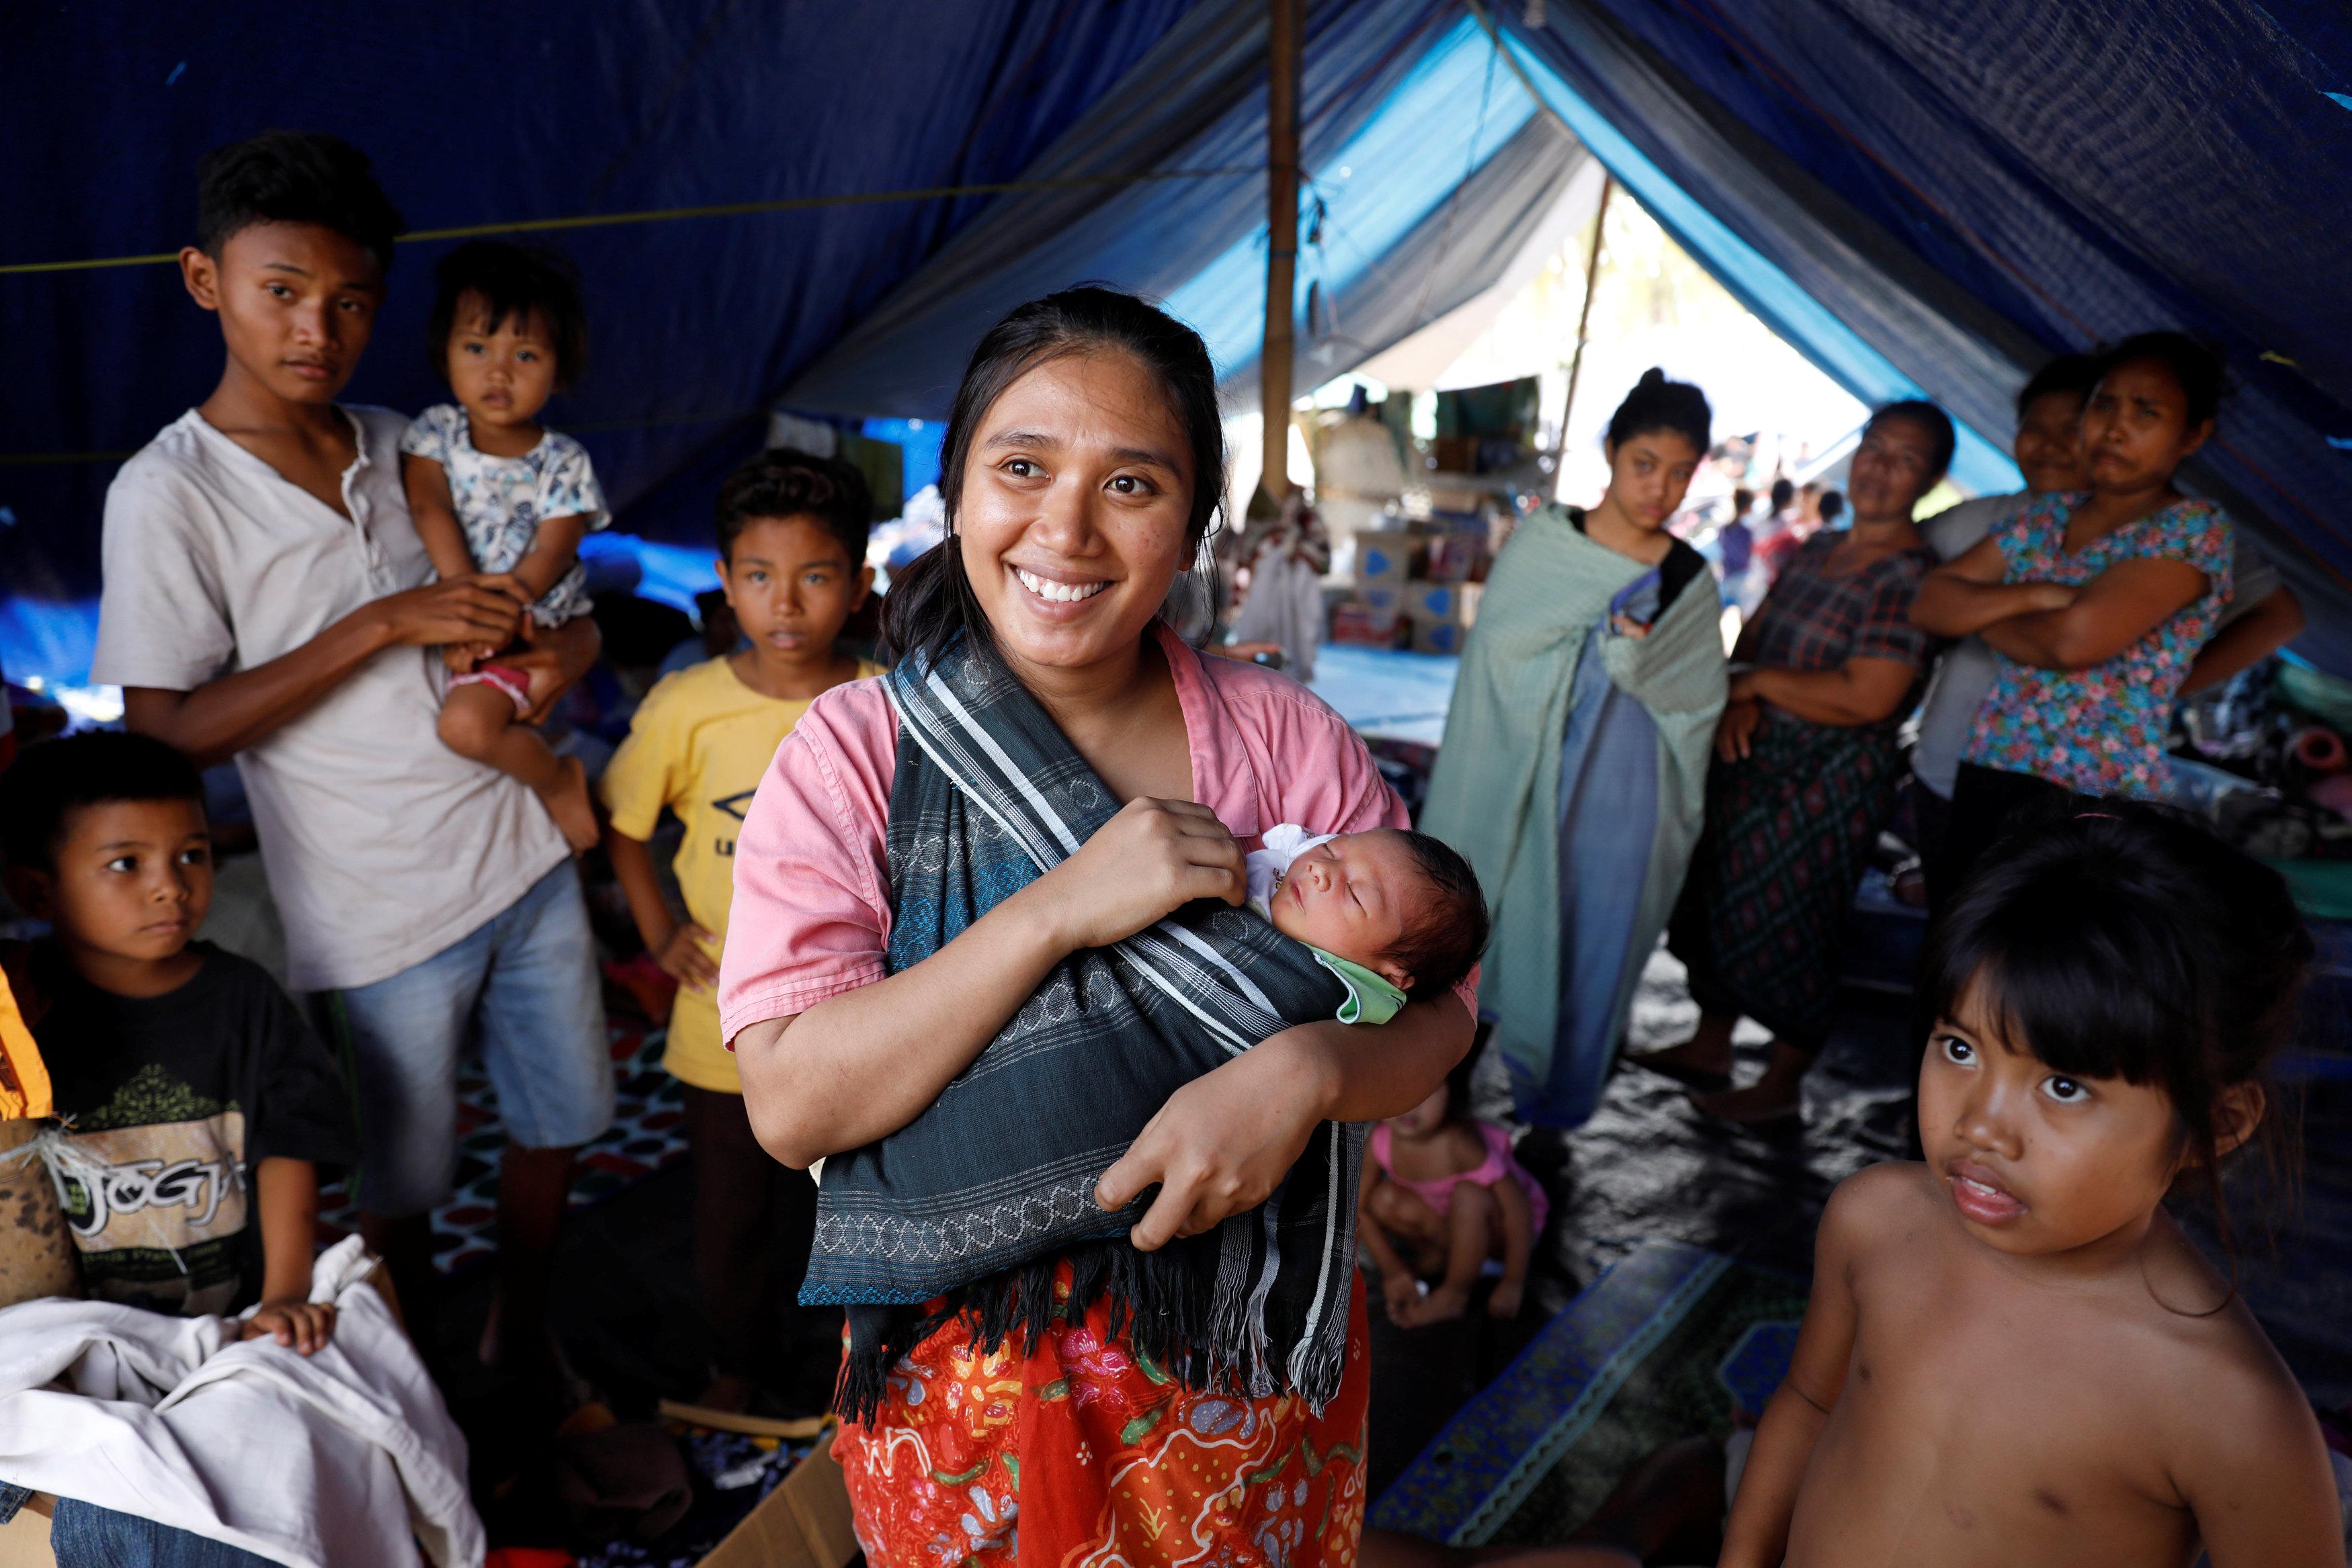 لارو رافاسيا عرفان طفل عمرة ثلاثة أيام